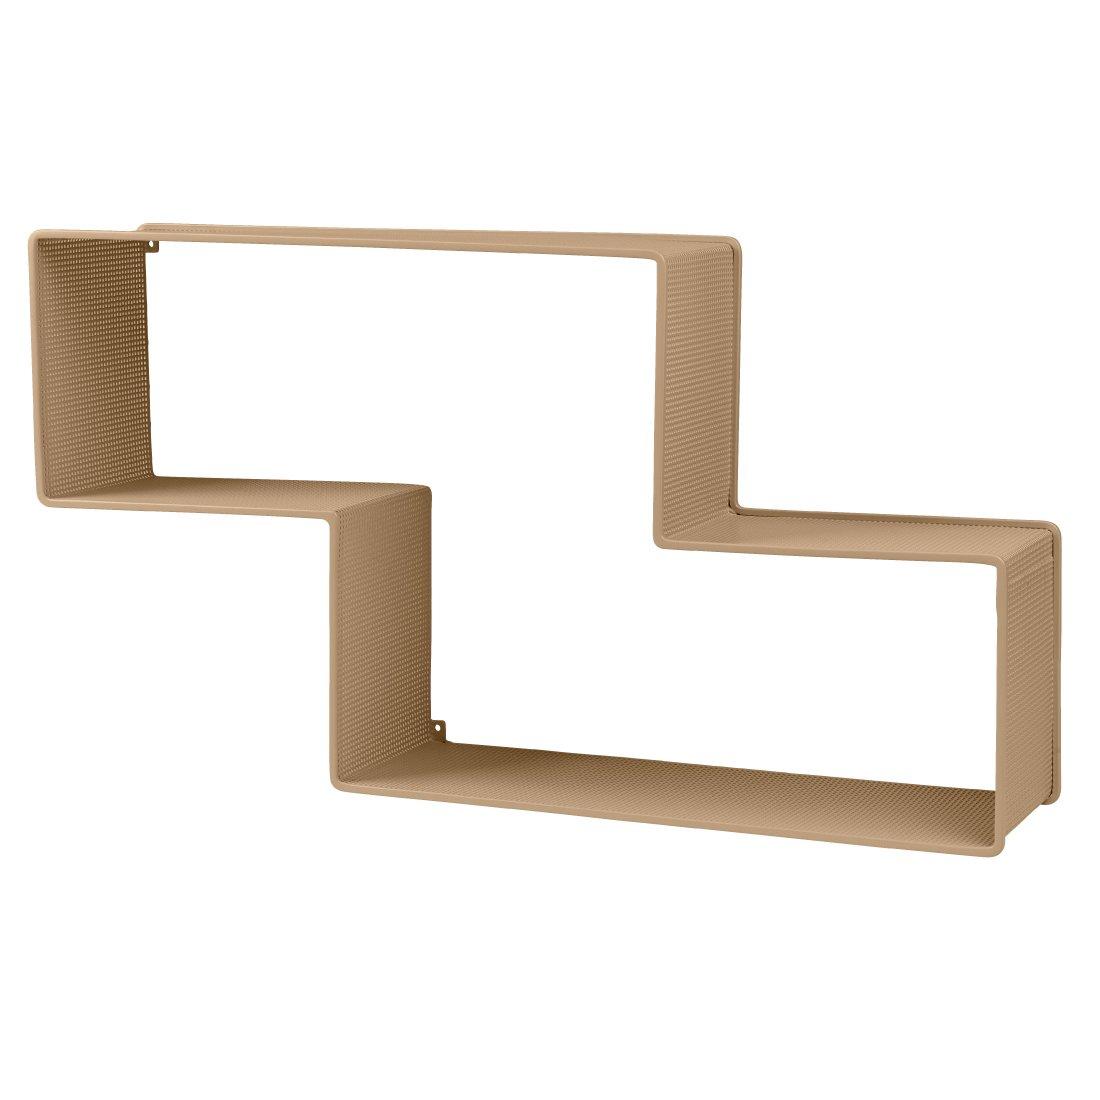 Misterdesign.nl Misterdesign.nl